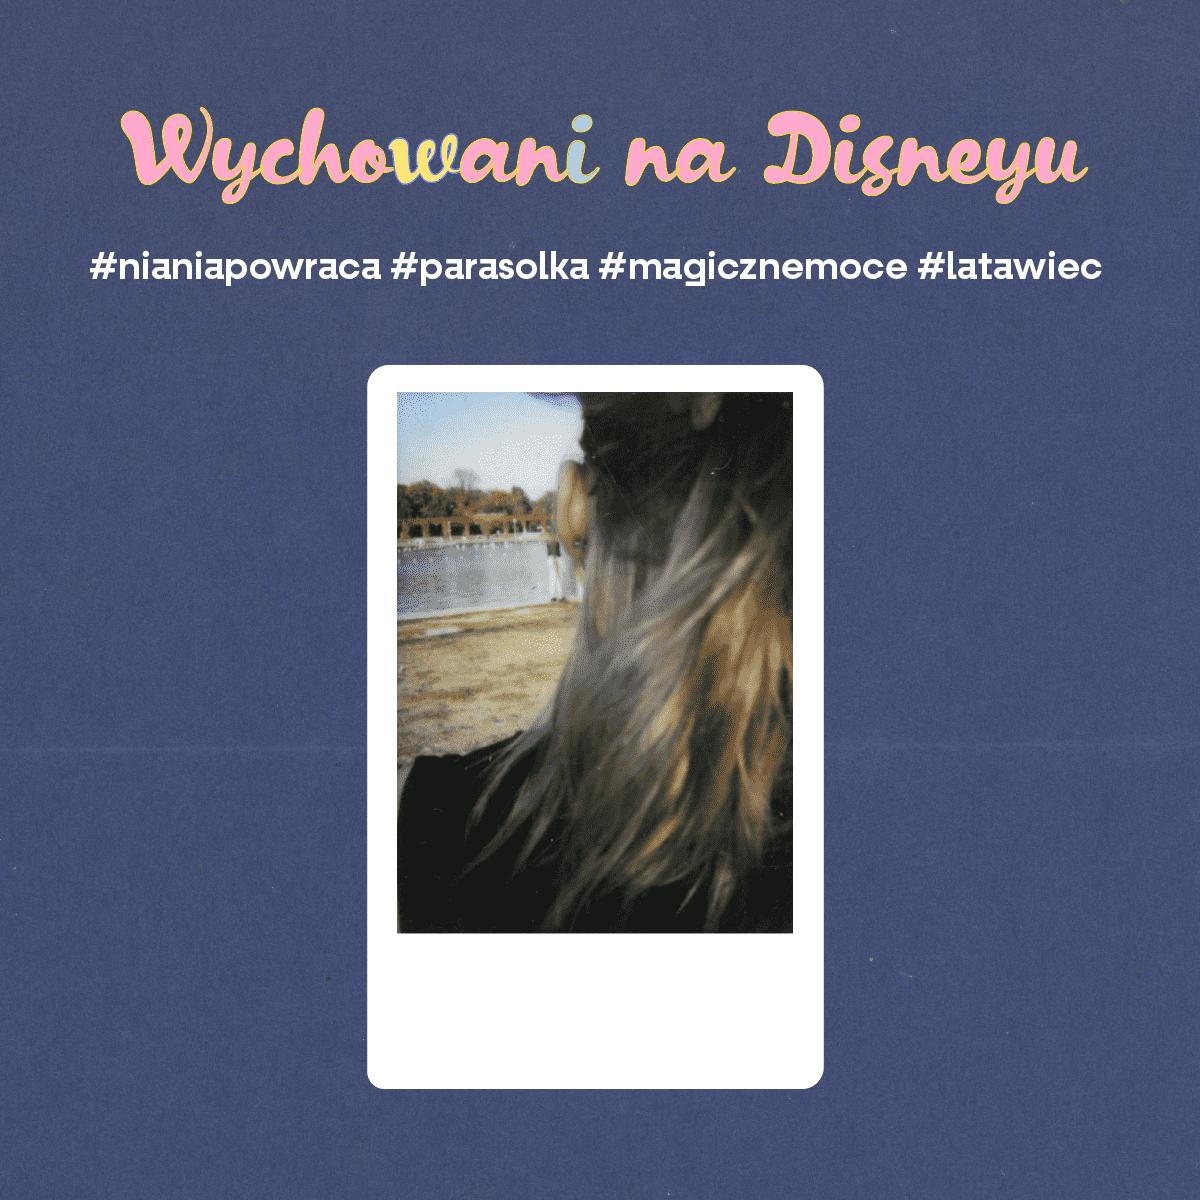 Wychowani na Disneyu (9)